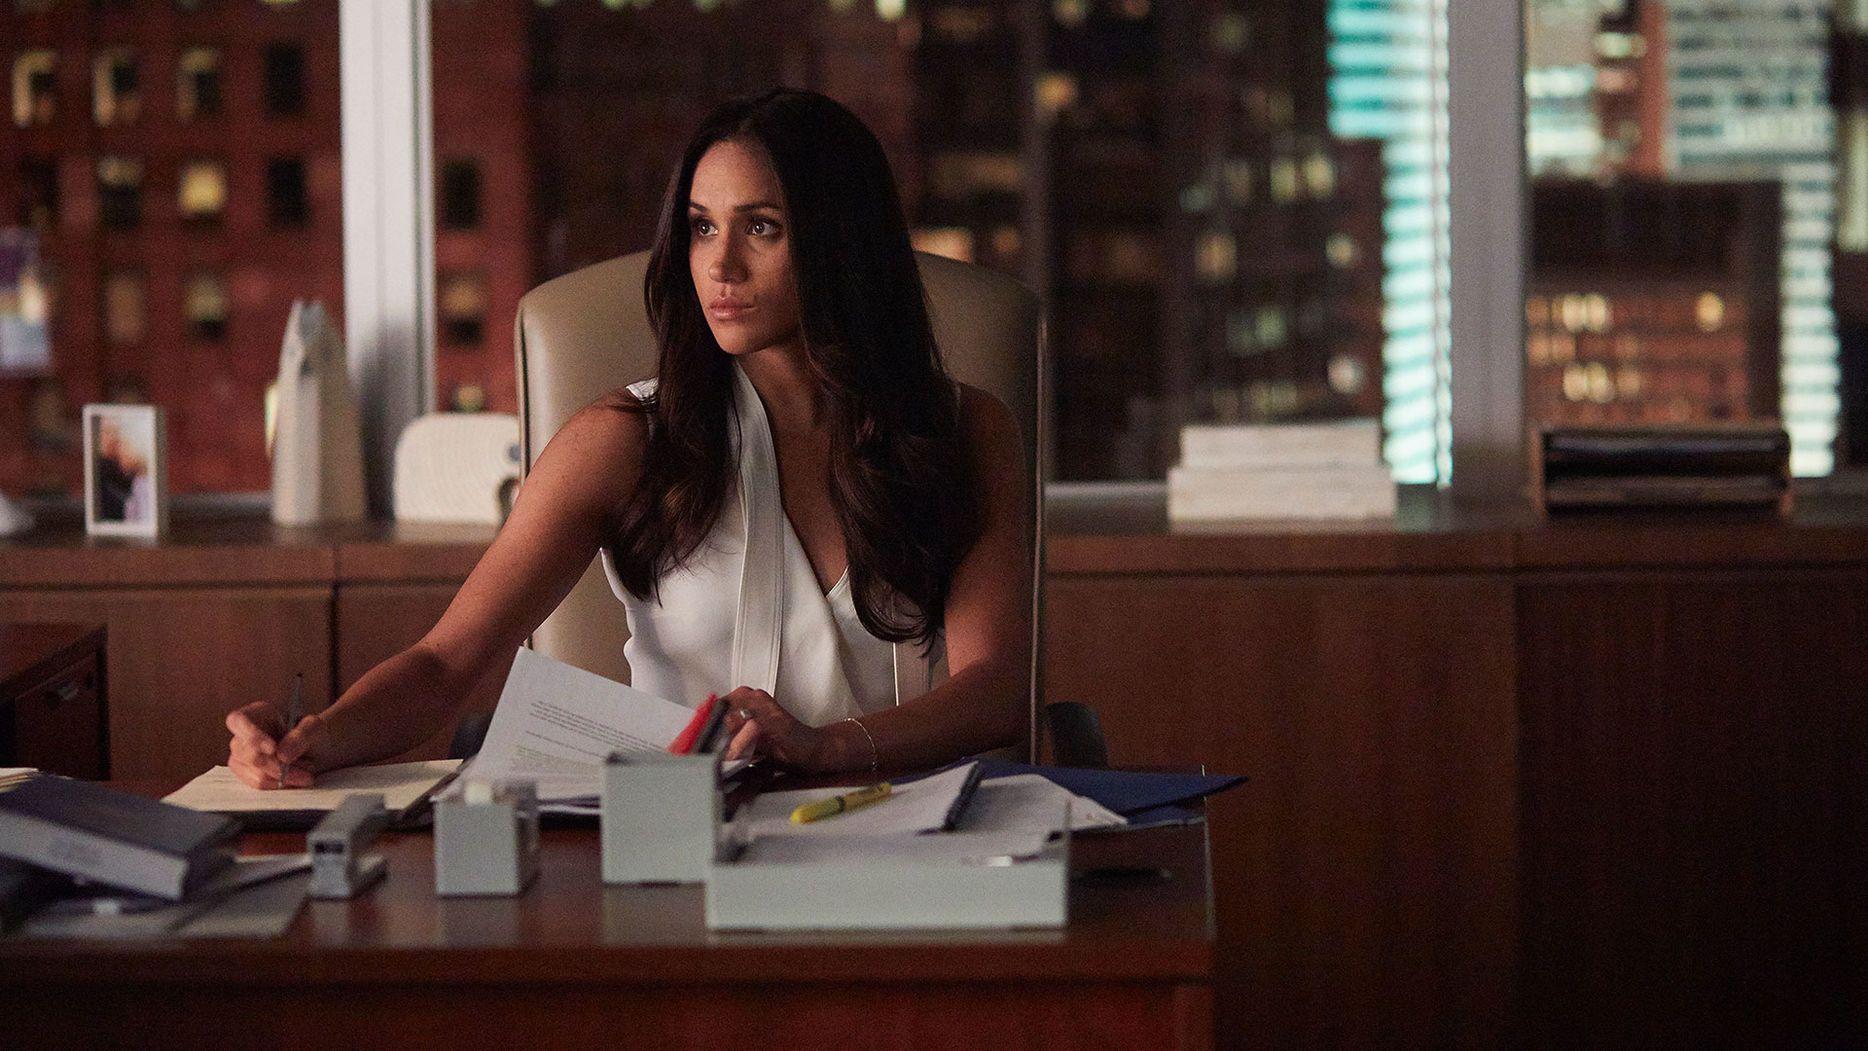 meghan markle (rachel zane) in season 7, episode 2 of sample resume letter for job application entry level financial advisor computer science skills